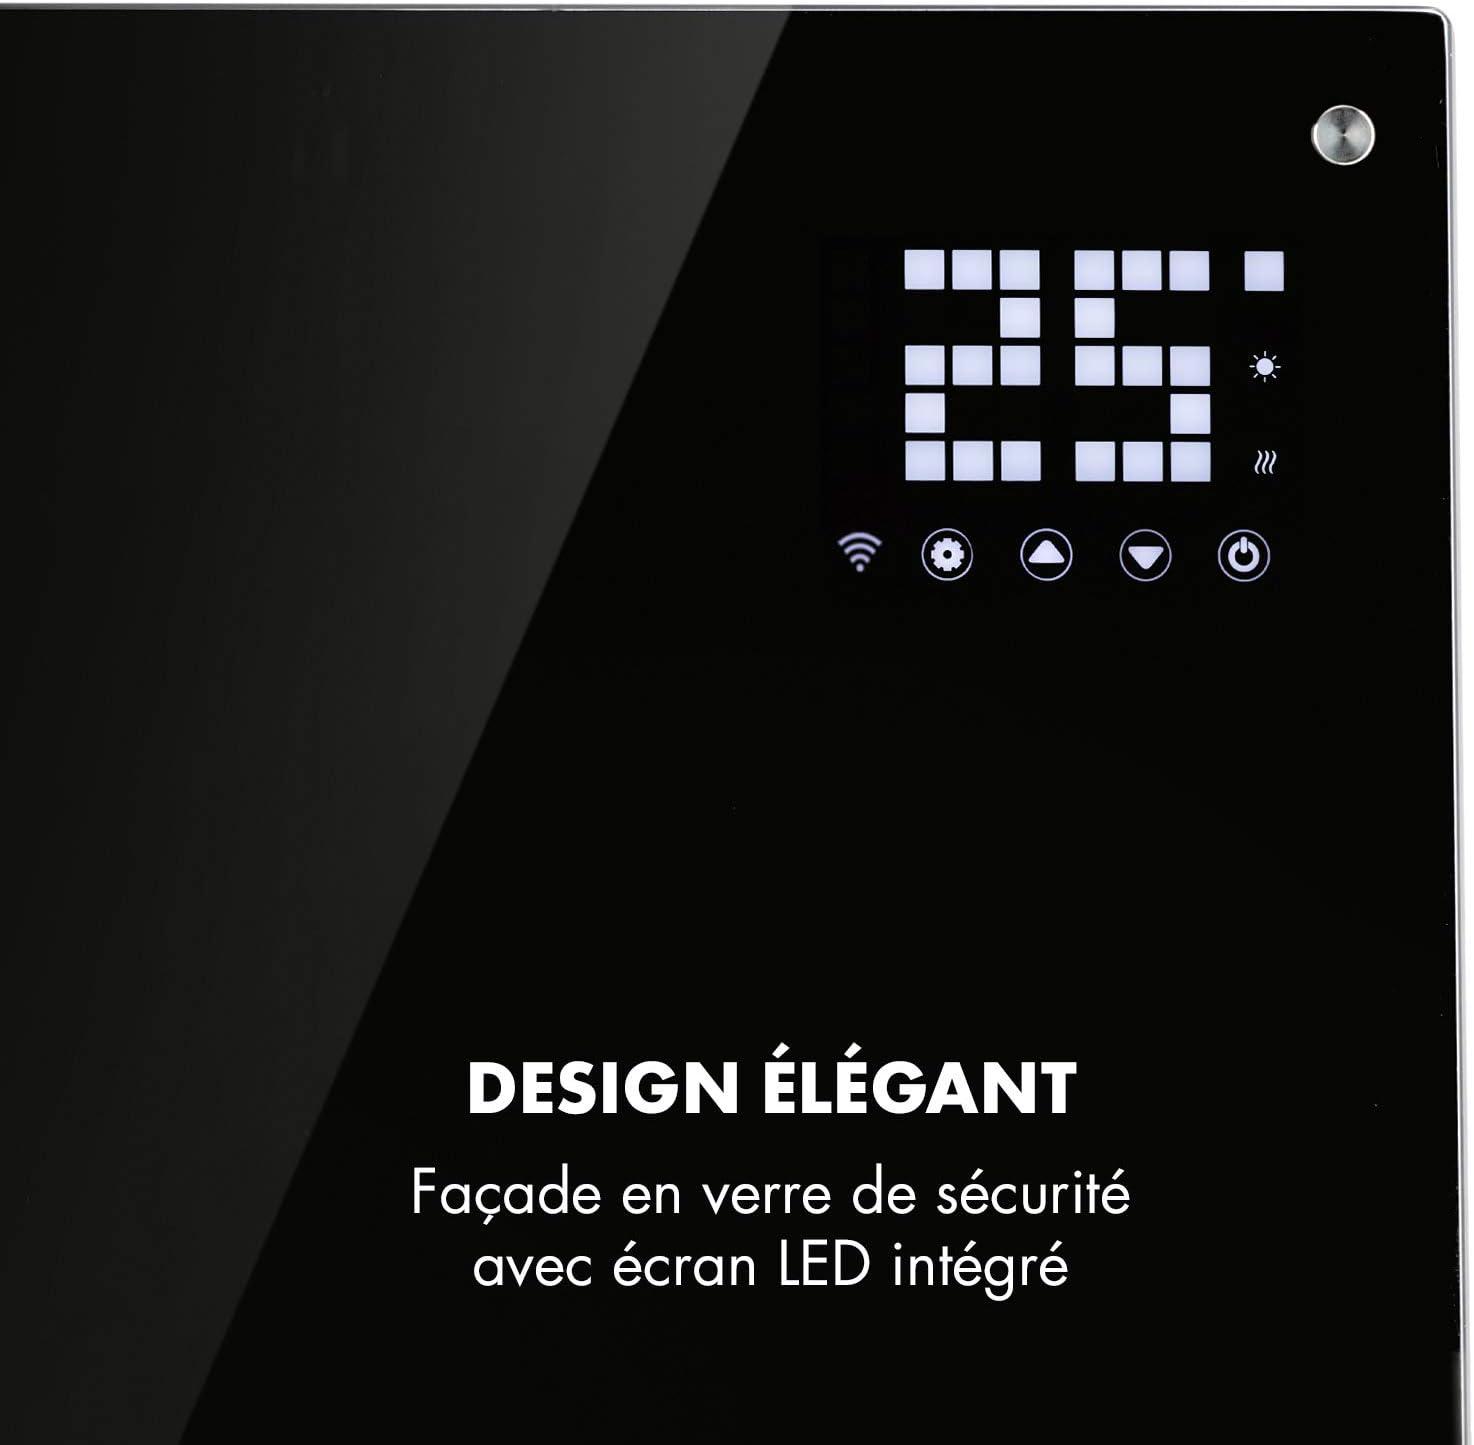 Affichage LED int/égr/é Radiateur /à Convection s/écurit/é r/ésistant aux /éclaboussures 2 r/églages de Chaleur Blanc 1000 et 2000W Minuterie KLARSTEIN Bornholm Smart Verrouillage Parental Mode ECO